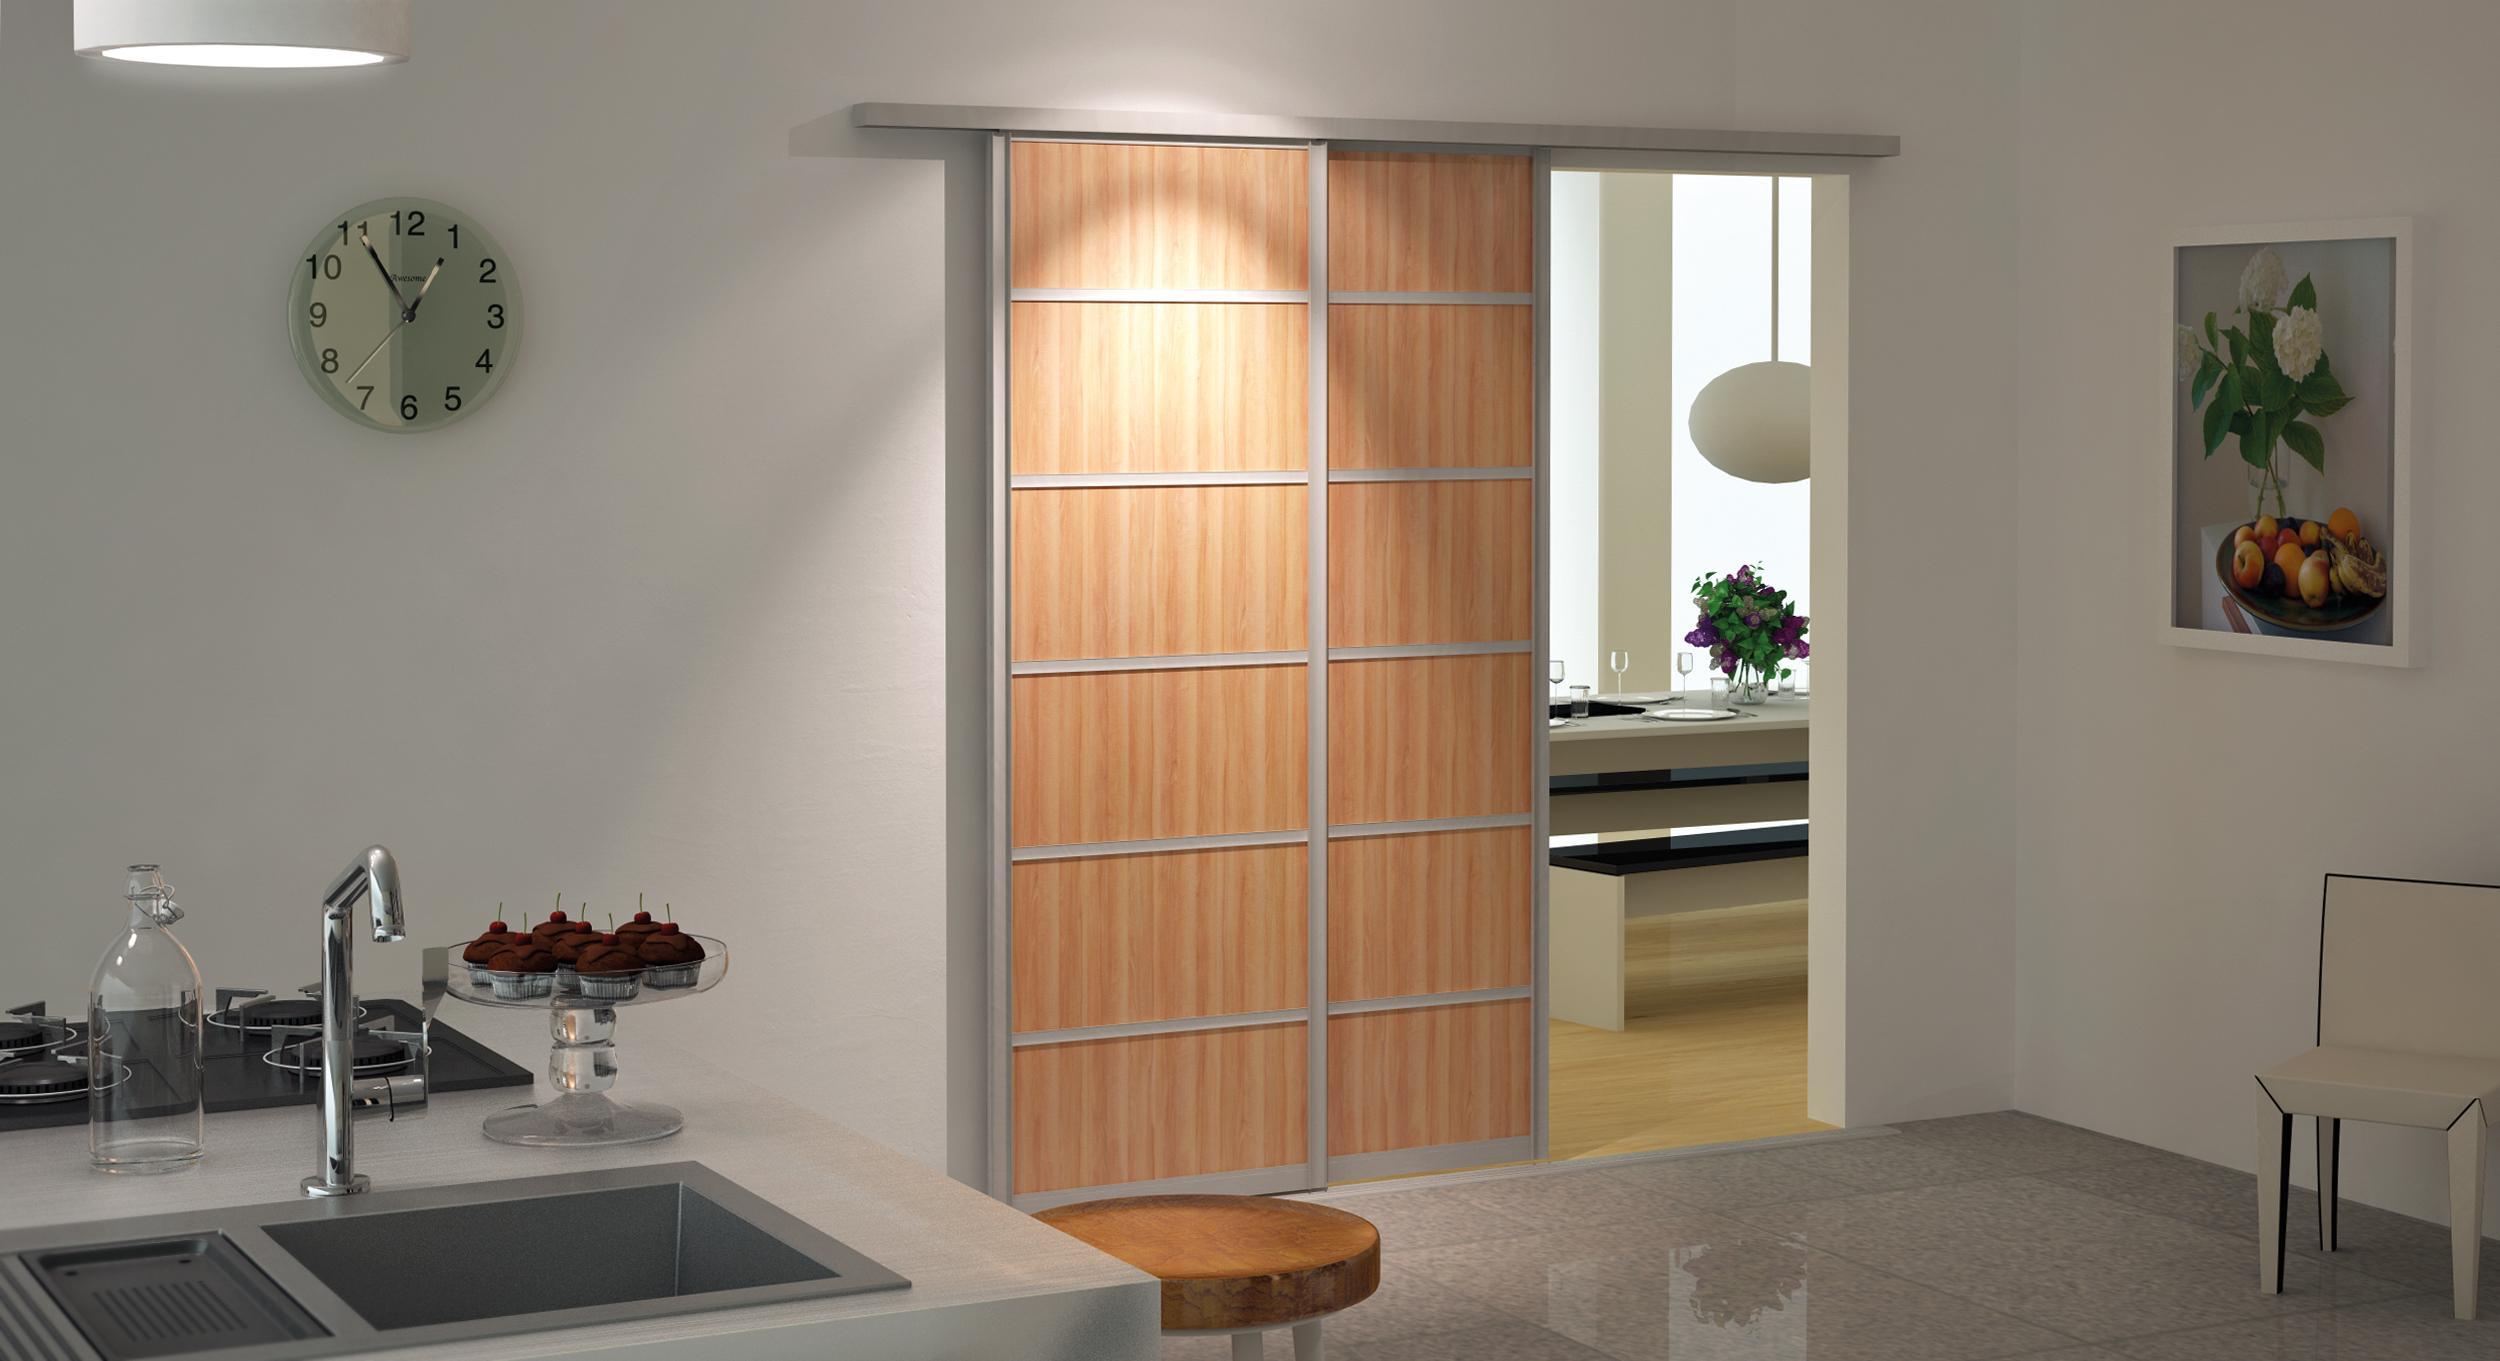 Cool Schrank Als Raumteiler Galerie Von Küche Mit #küche #wohnküche #raumteiler ©deinschrank.de